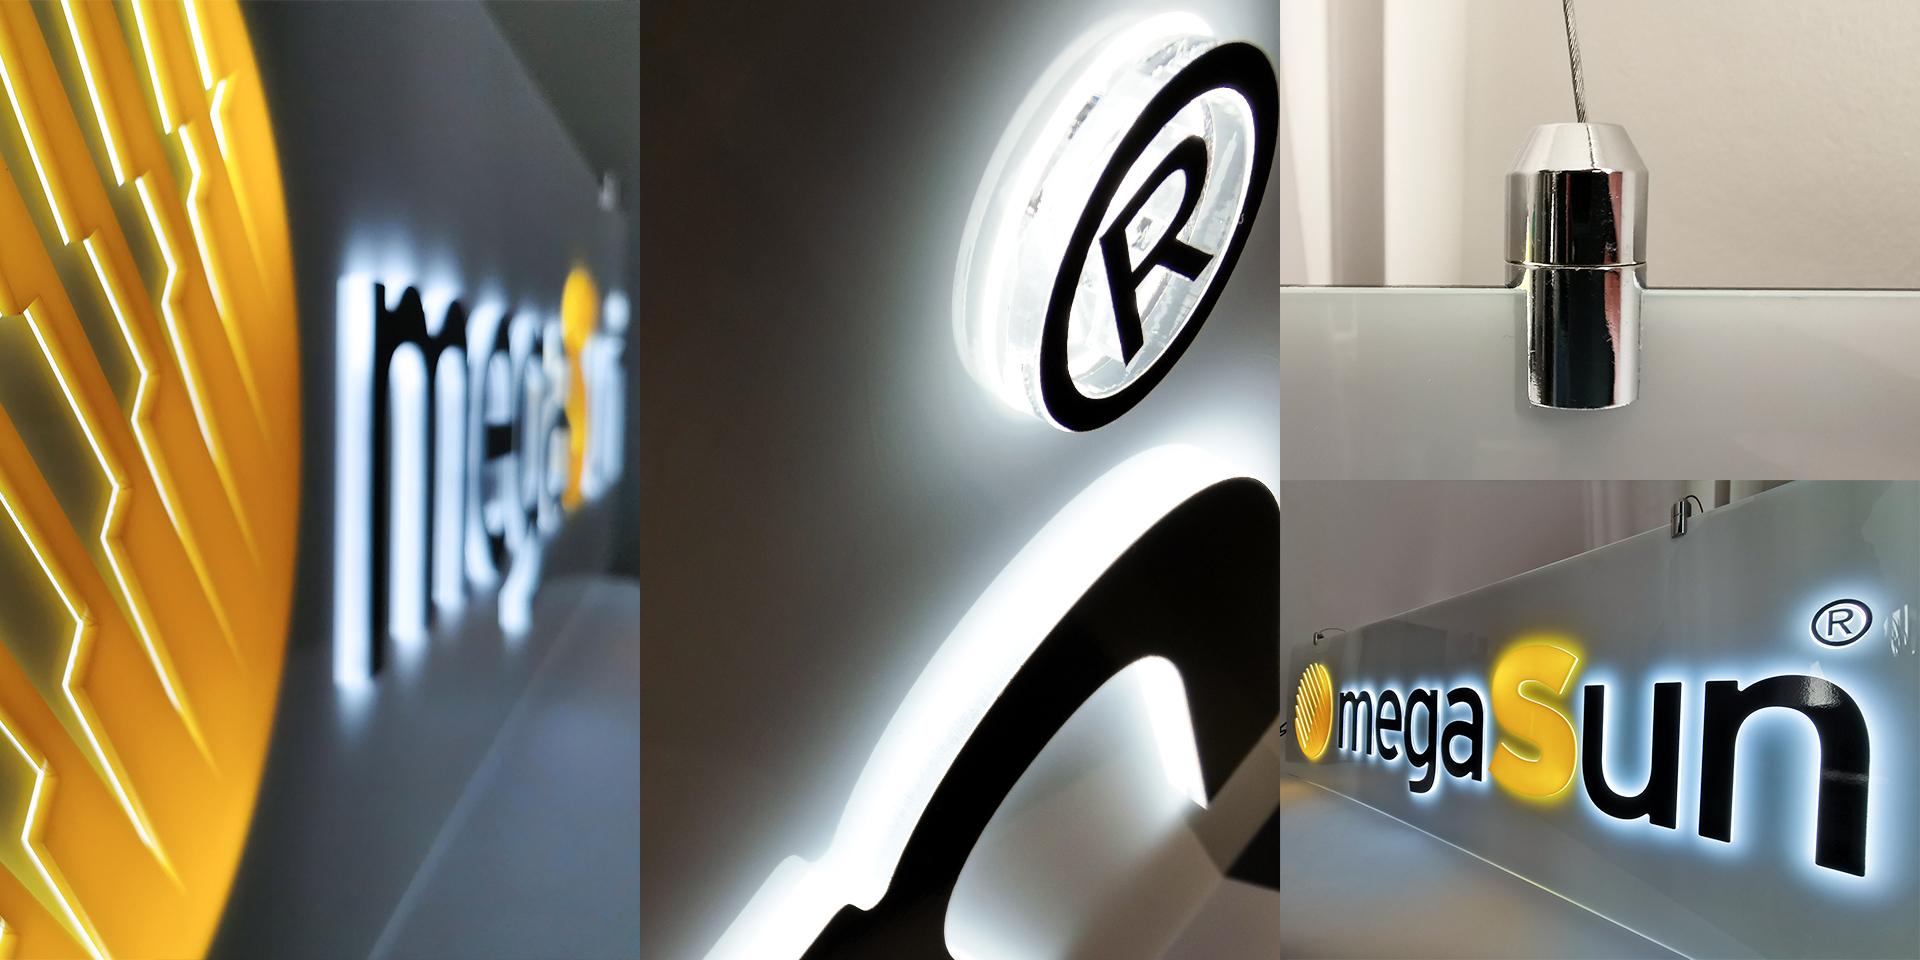 megaSun – Acrylschild mit LEDs – Zweyloeven Werbeproduktion GmbH